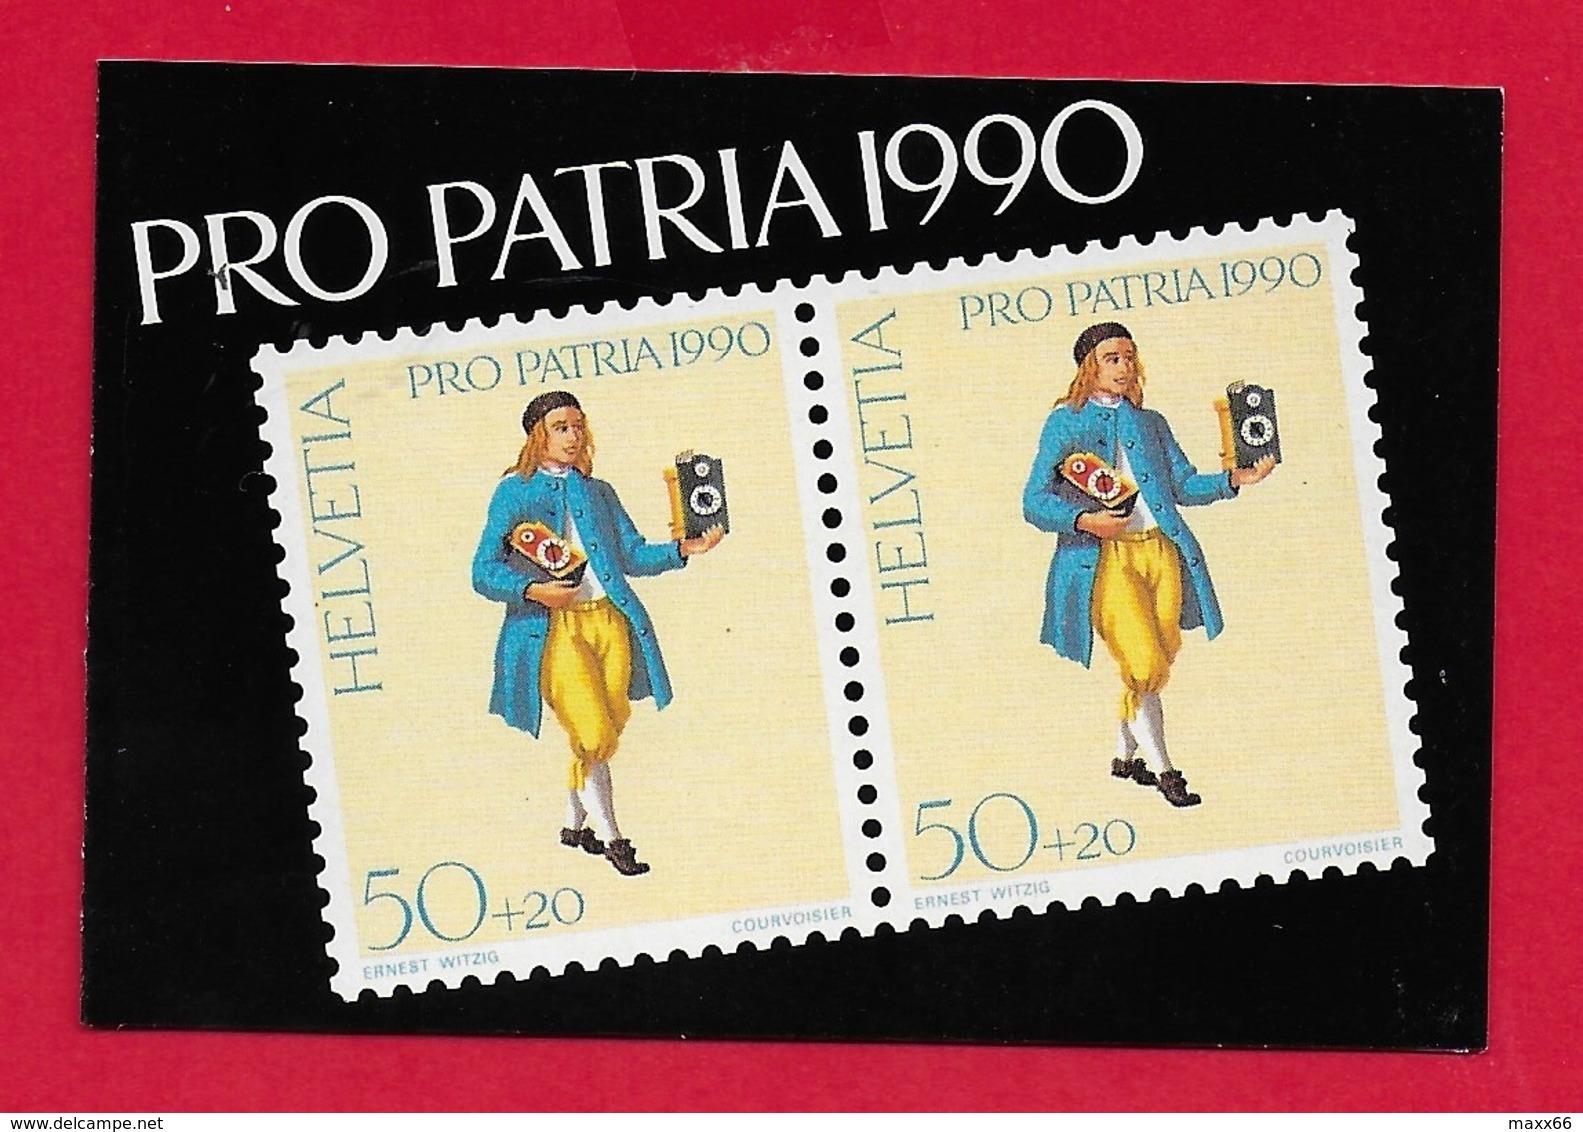 LIBRETTO SVIZZERA MNH - PRO PATRIA 1990 - 10 X 50 + 20 Cent. - Pro Patria